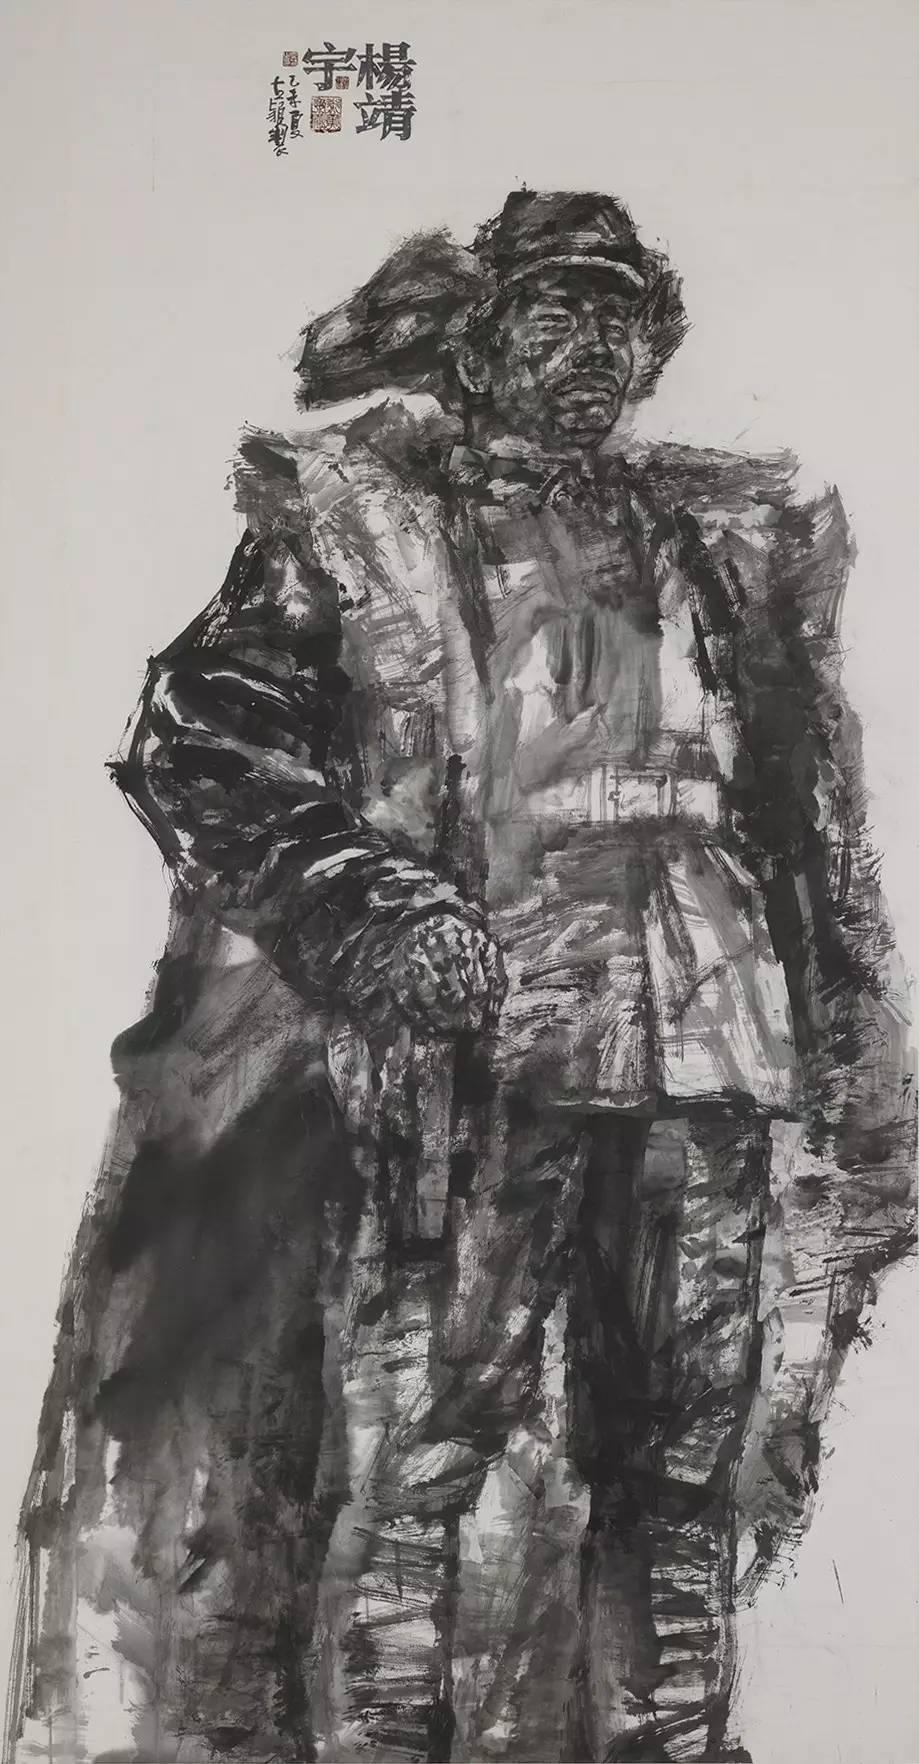 致敬,八一 军事题材美术 沙场阅兵 600余件作品礼赞90周年